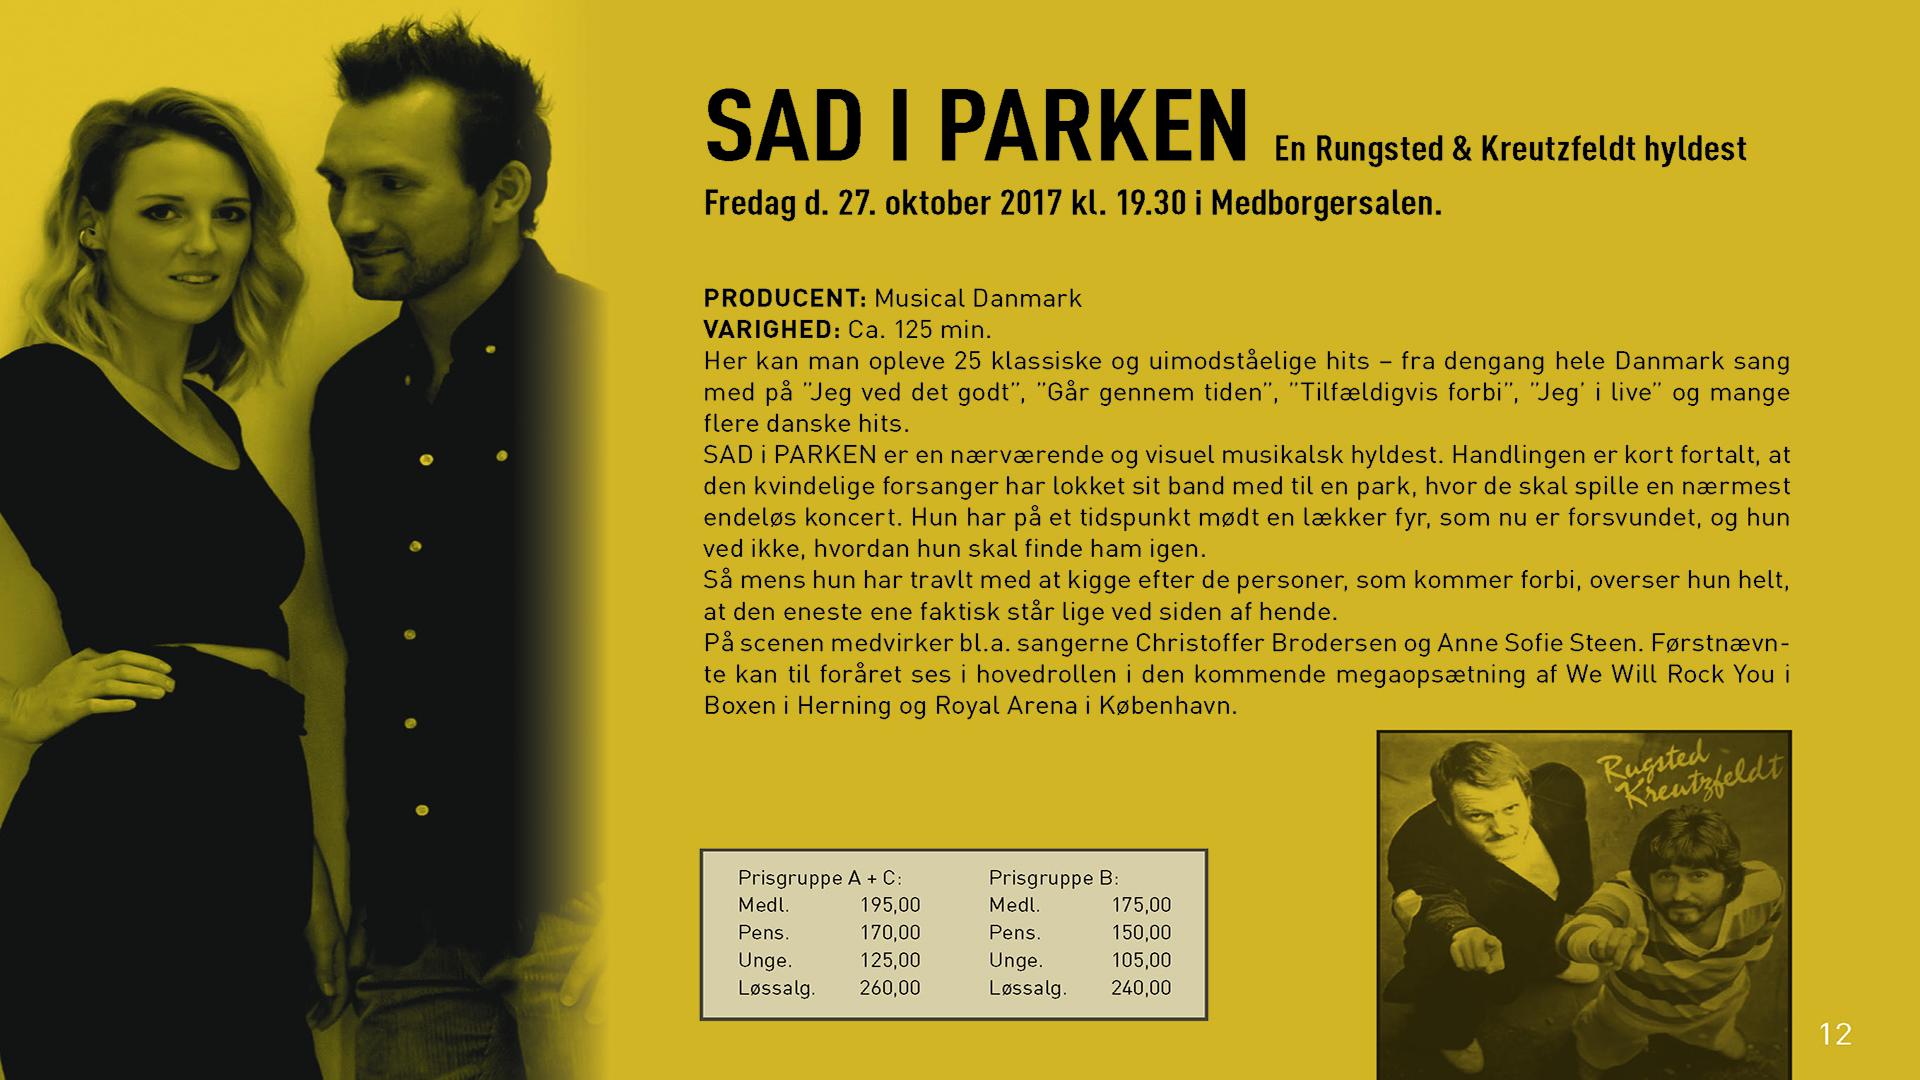 Sad I Parken - en Rugsted & Kreutzfeldt hyldest